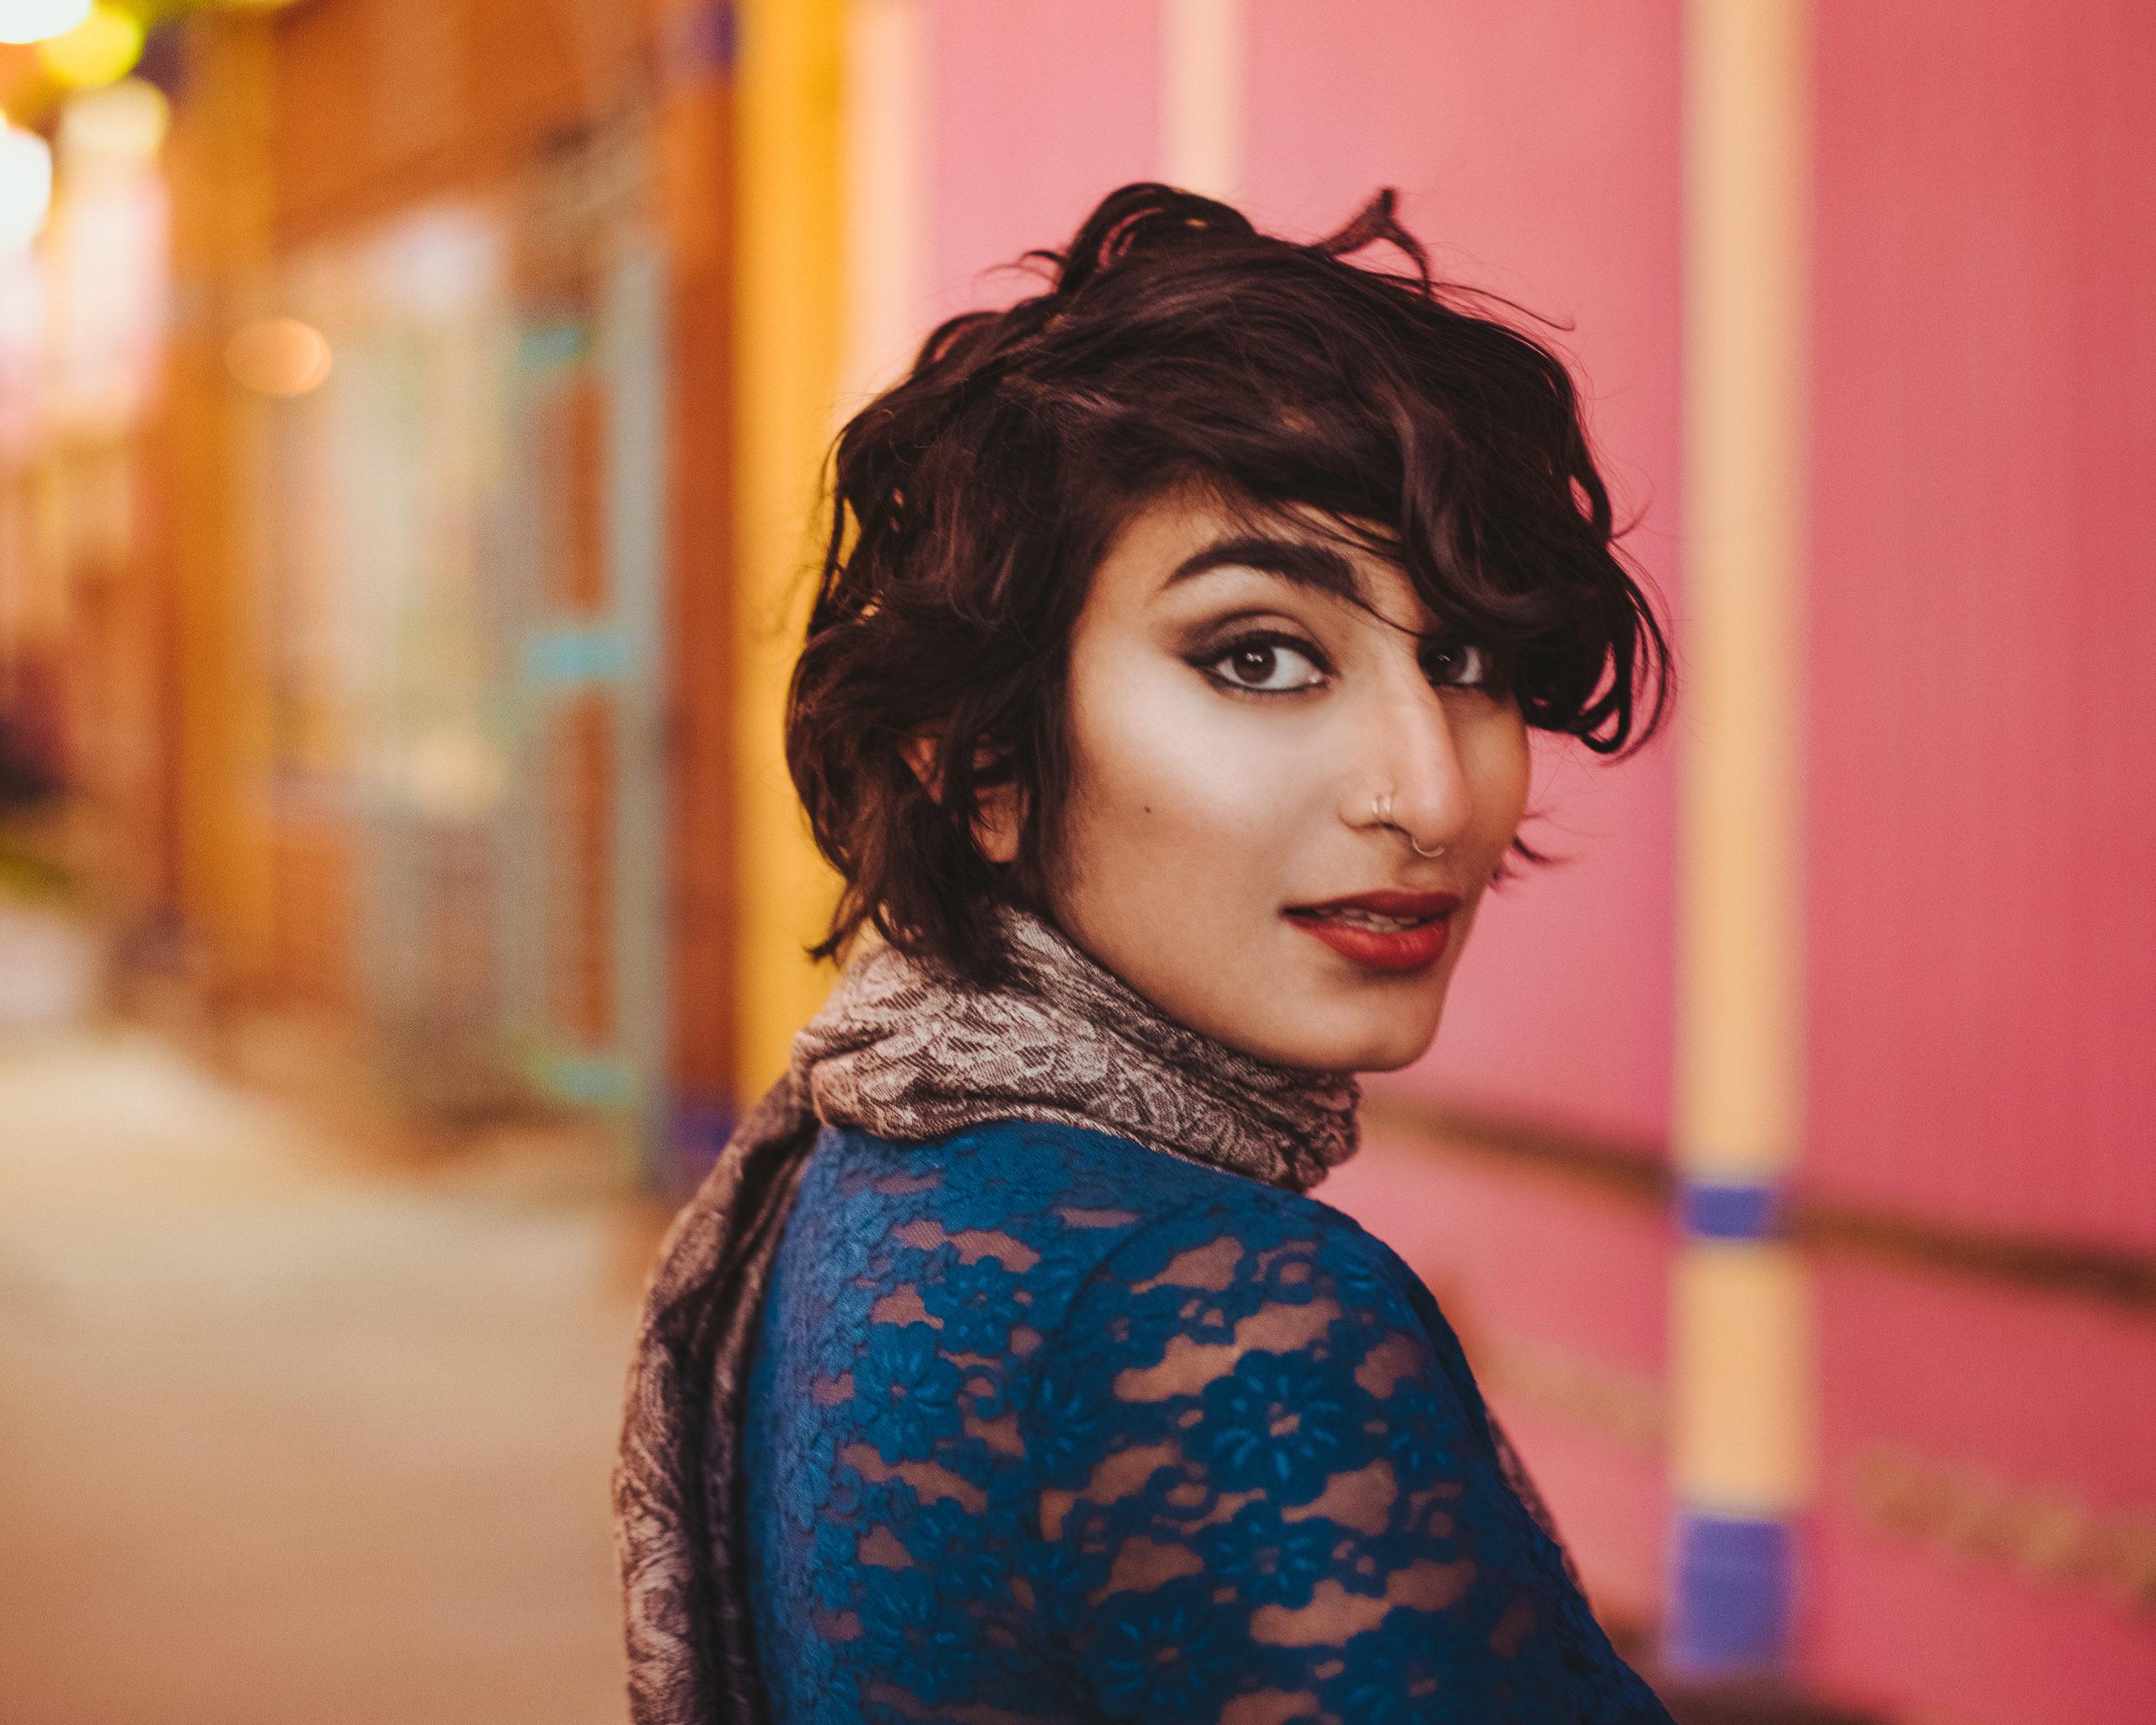 Poeten Fatimah Asghar fotograferad av Cassidy Kristiansen